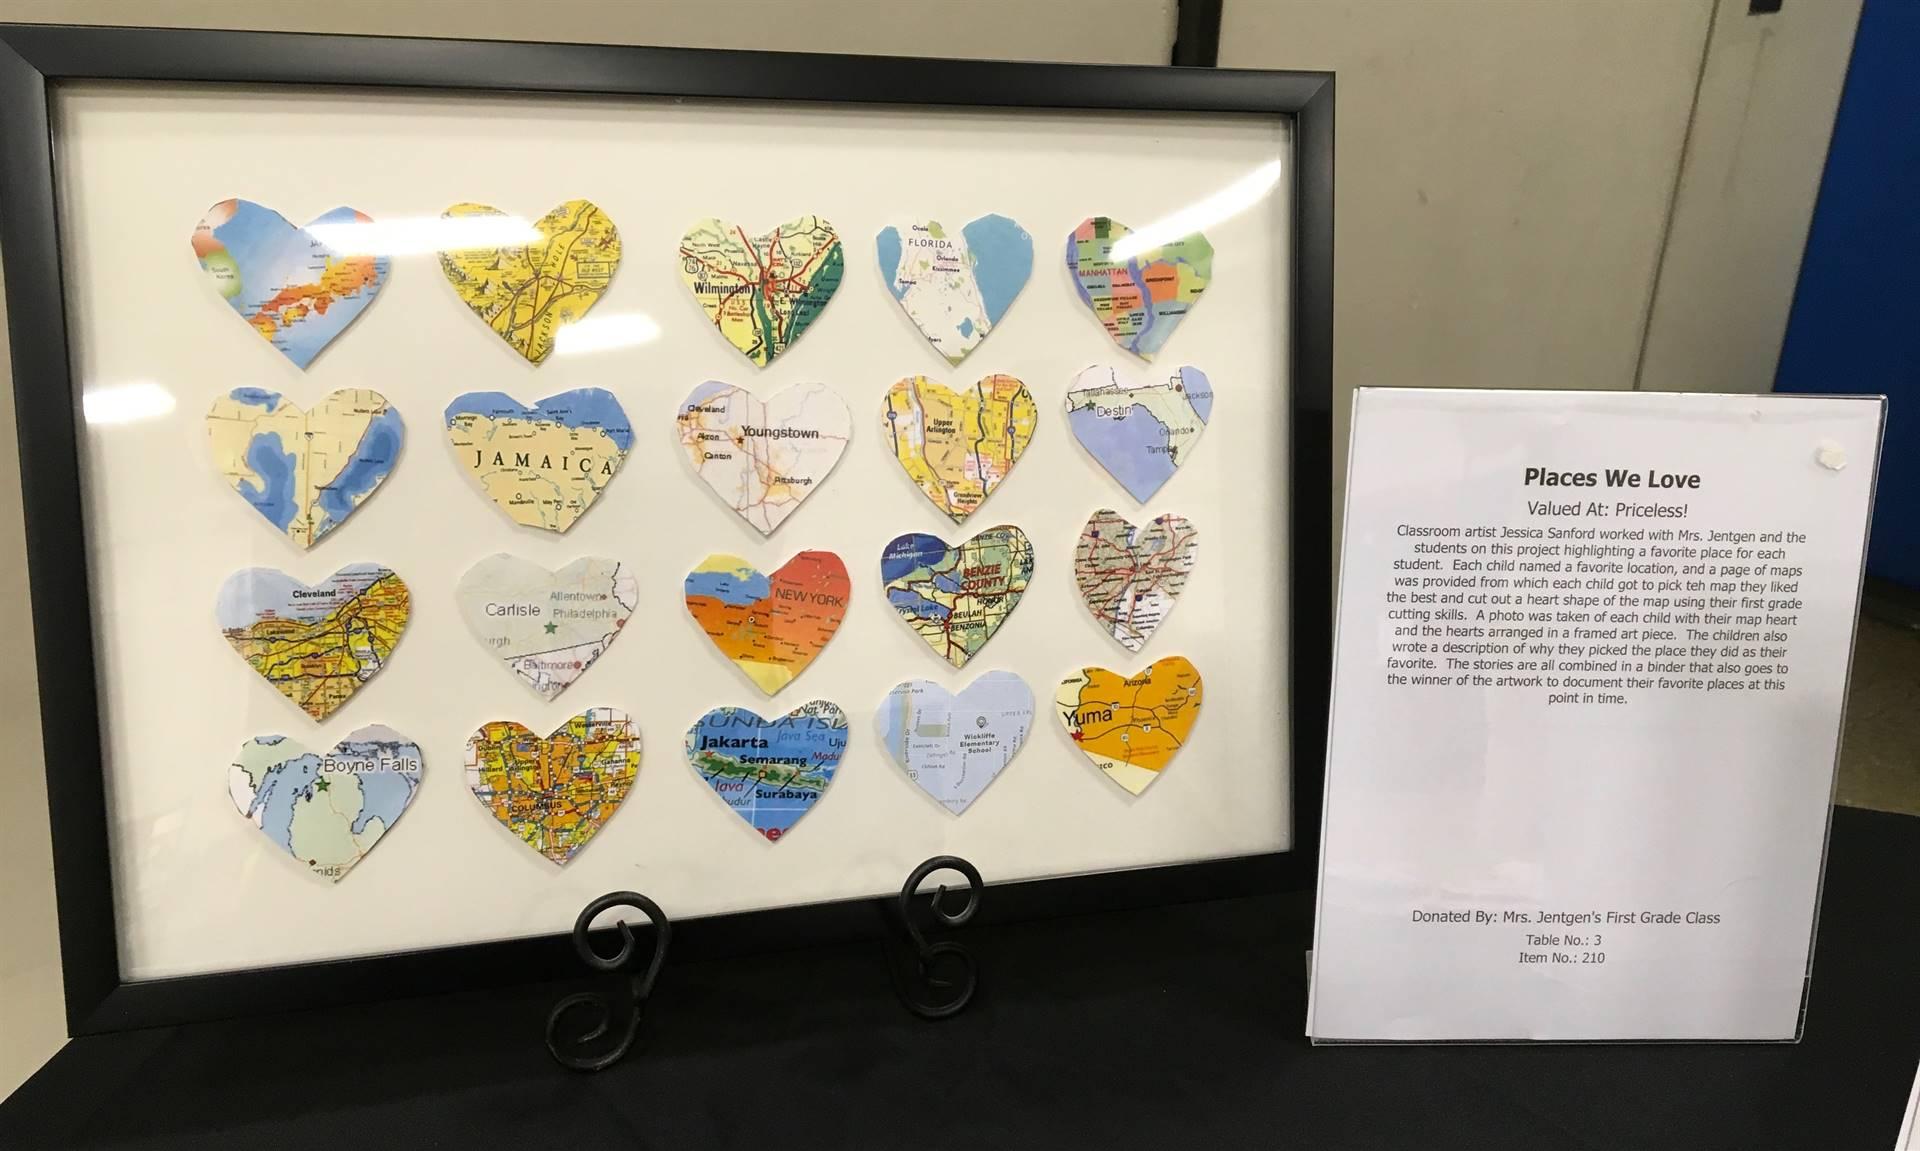 Informal Affair Art Project: Places We Love